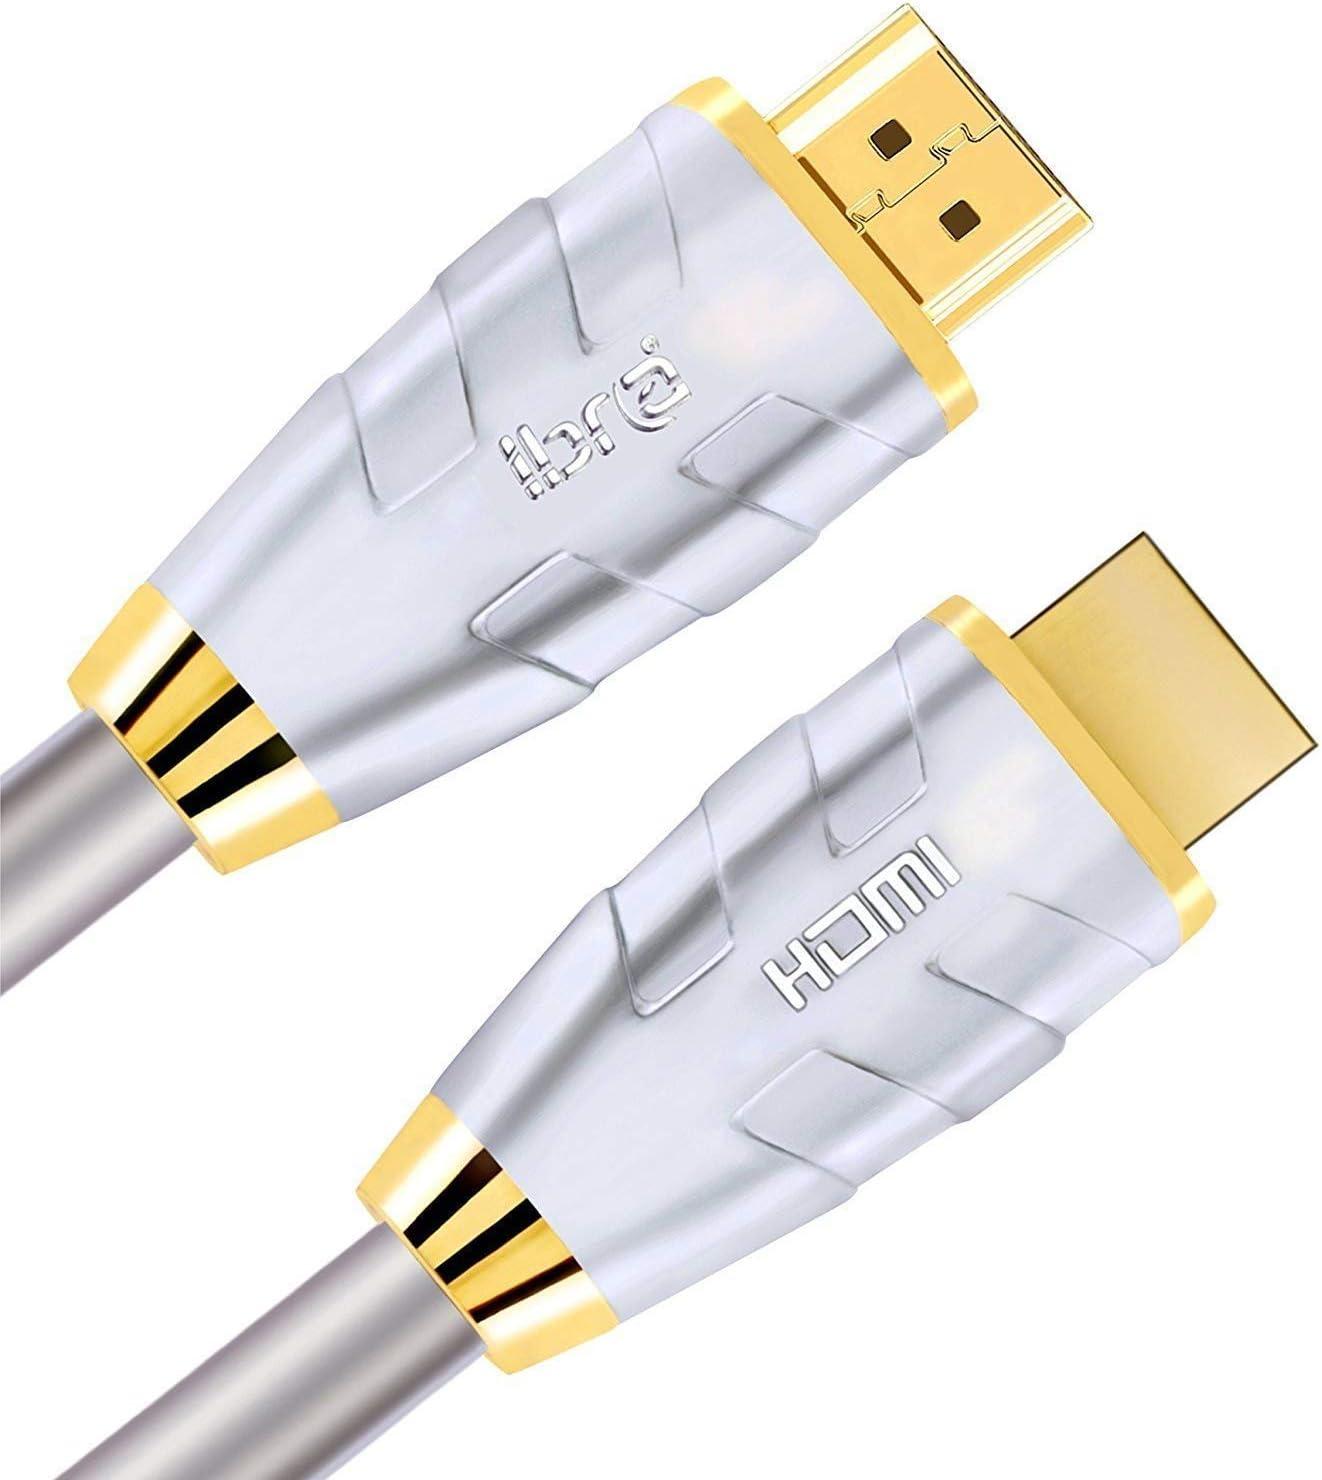 4k Hdmi Kabel 8m Hdmi 2 0b Kabel 4k 60hz Highspeed Elektronik